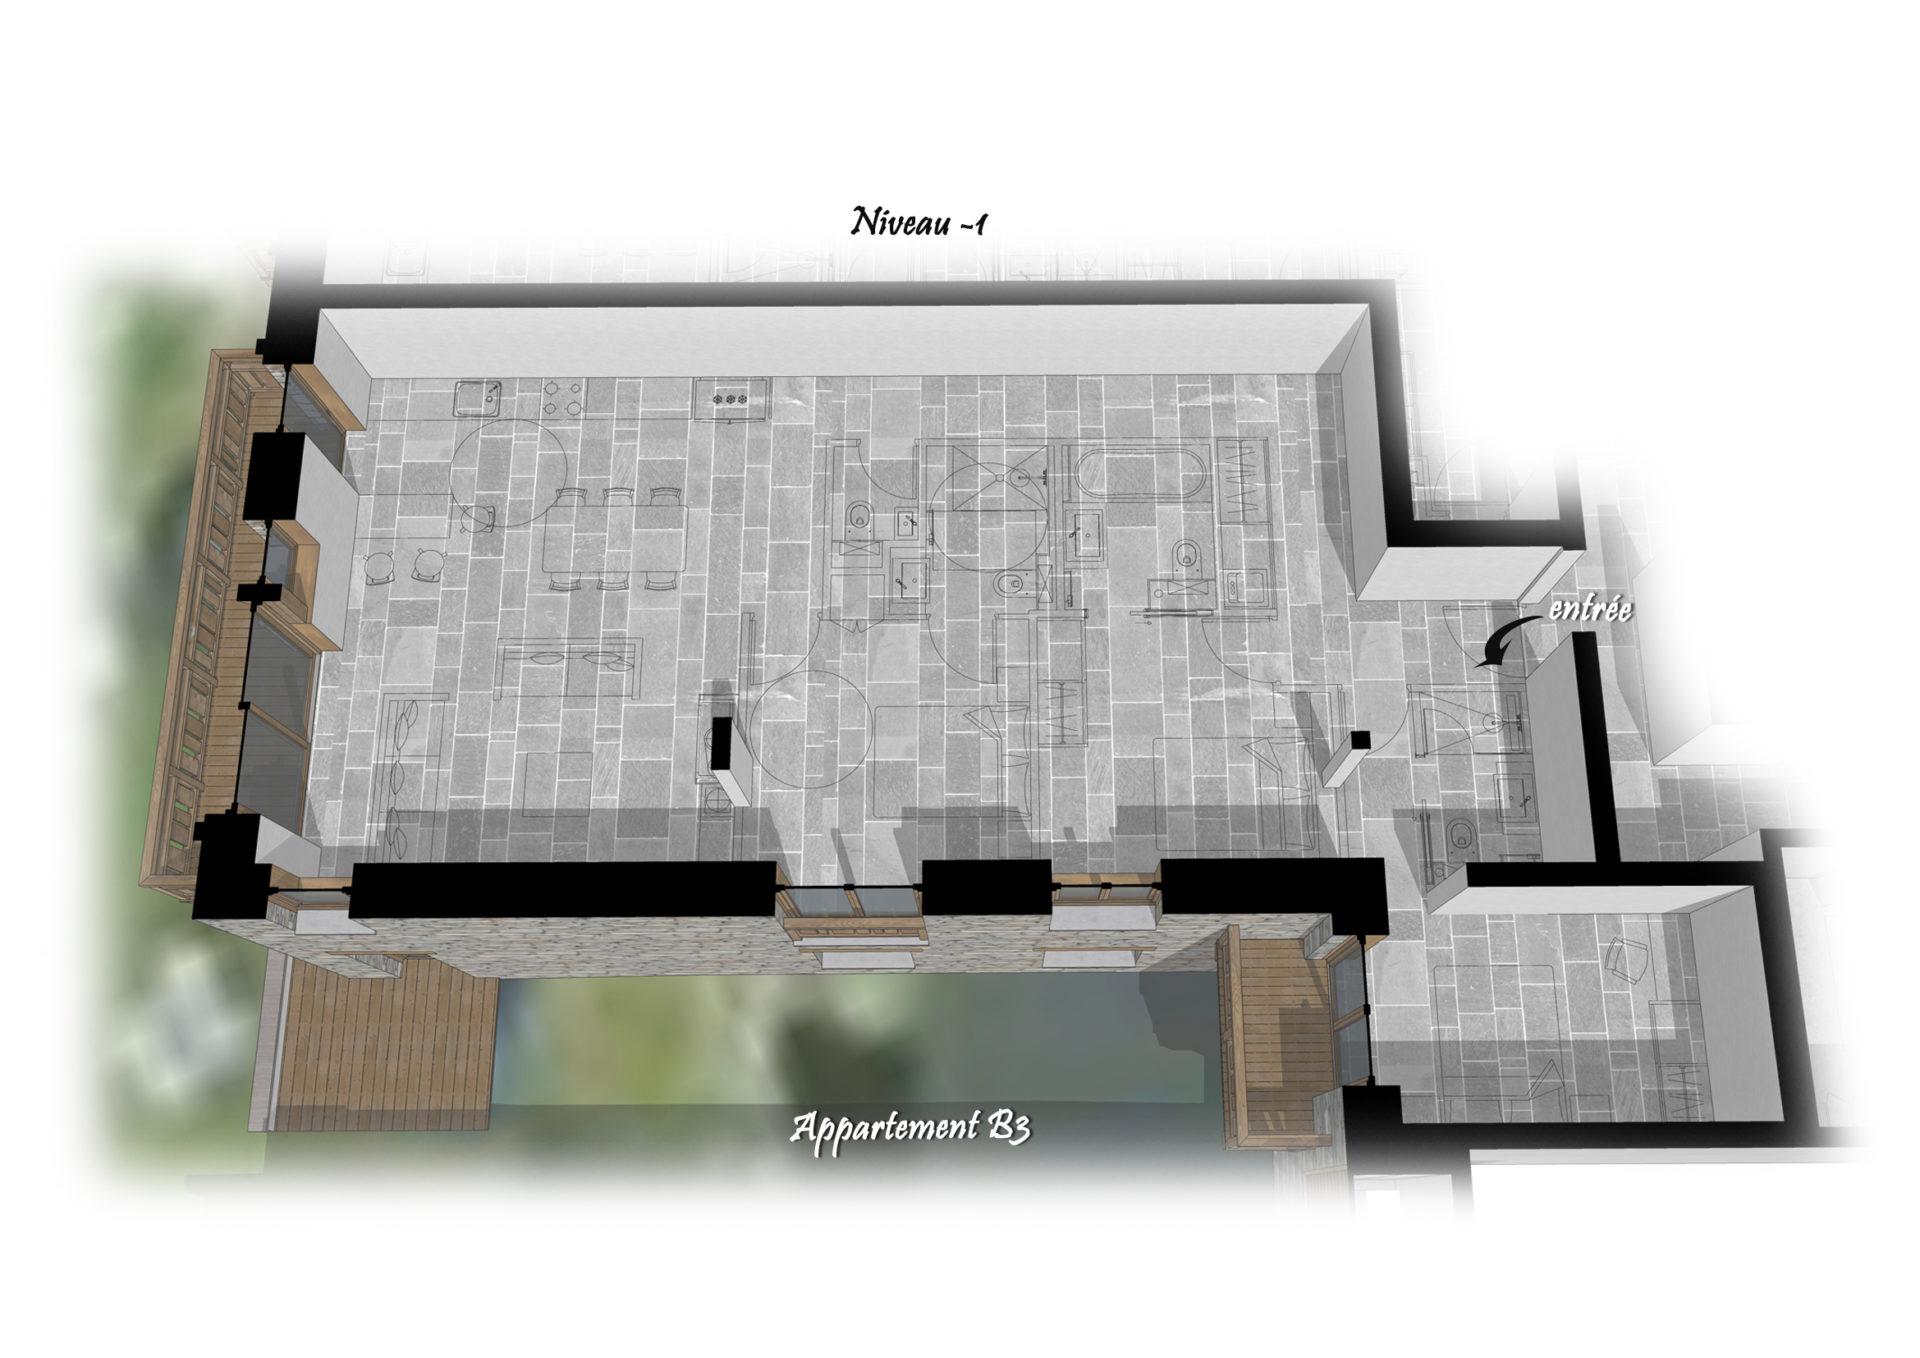 Les Chalets du Cheval Noir - Appartement B3 - Niveau -1 Saint Martin de Belleville Savoie France